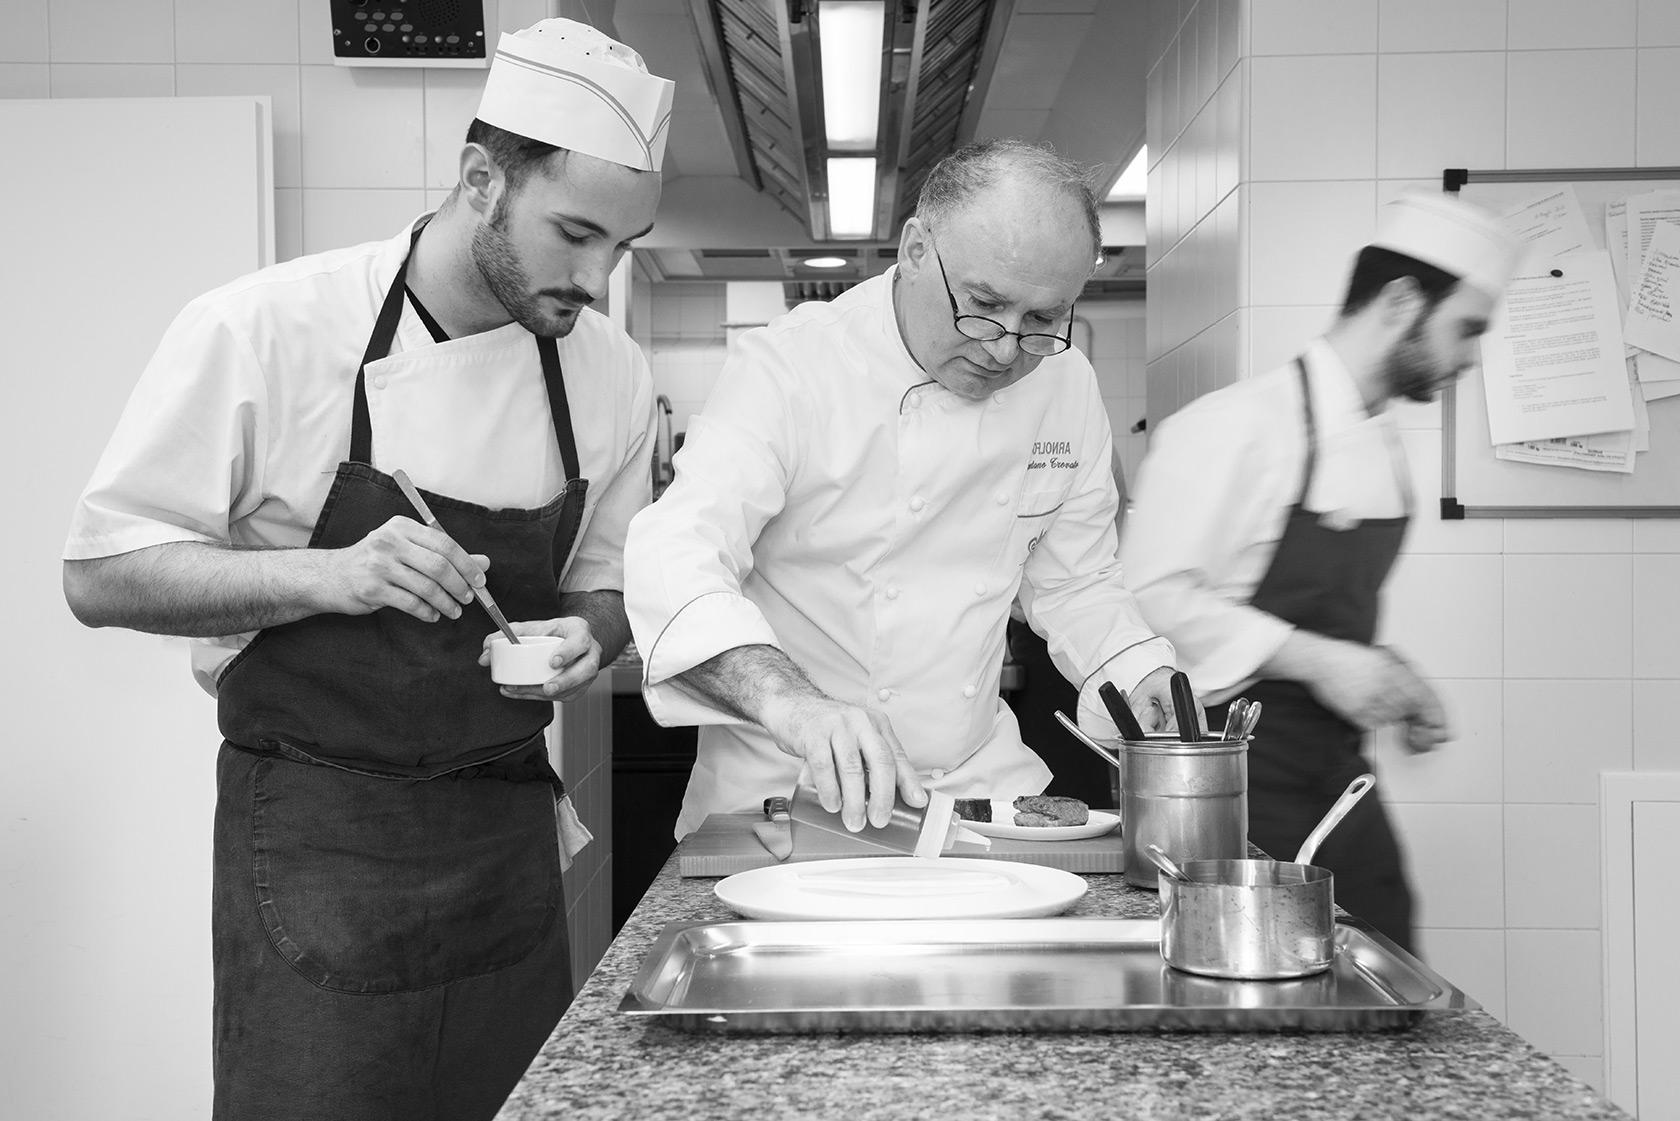 arnolfo-ristornate-staff-colle-val-delsa